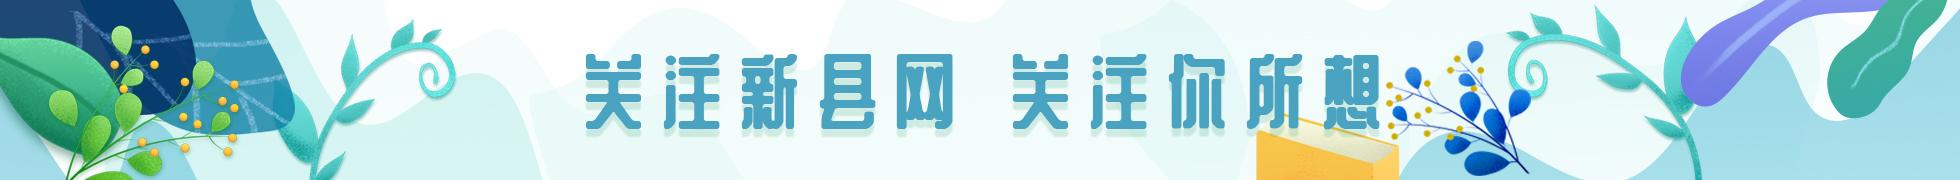 新县网微信推广